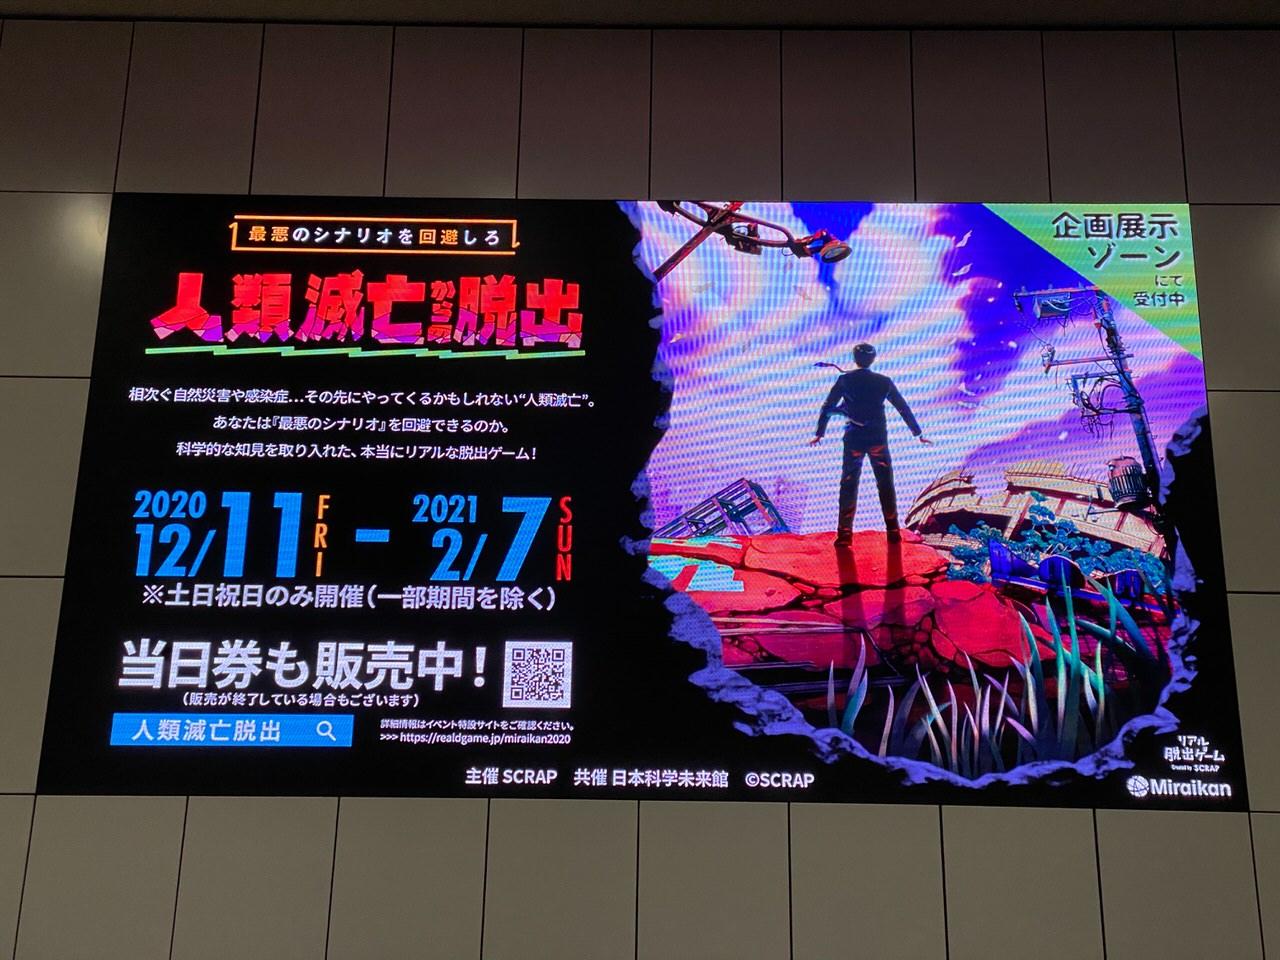 リアル脱出ゲーム初体験!日本科学未来館の「人類滅亡からの脱出」は謎解きでぞわぞわ鳥肌が立つ面白さだった